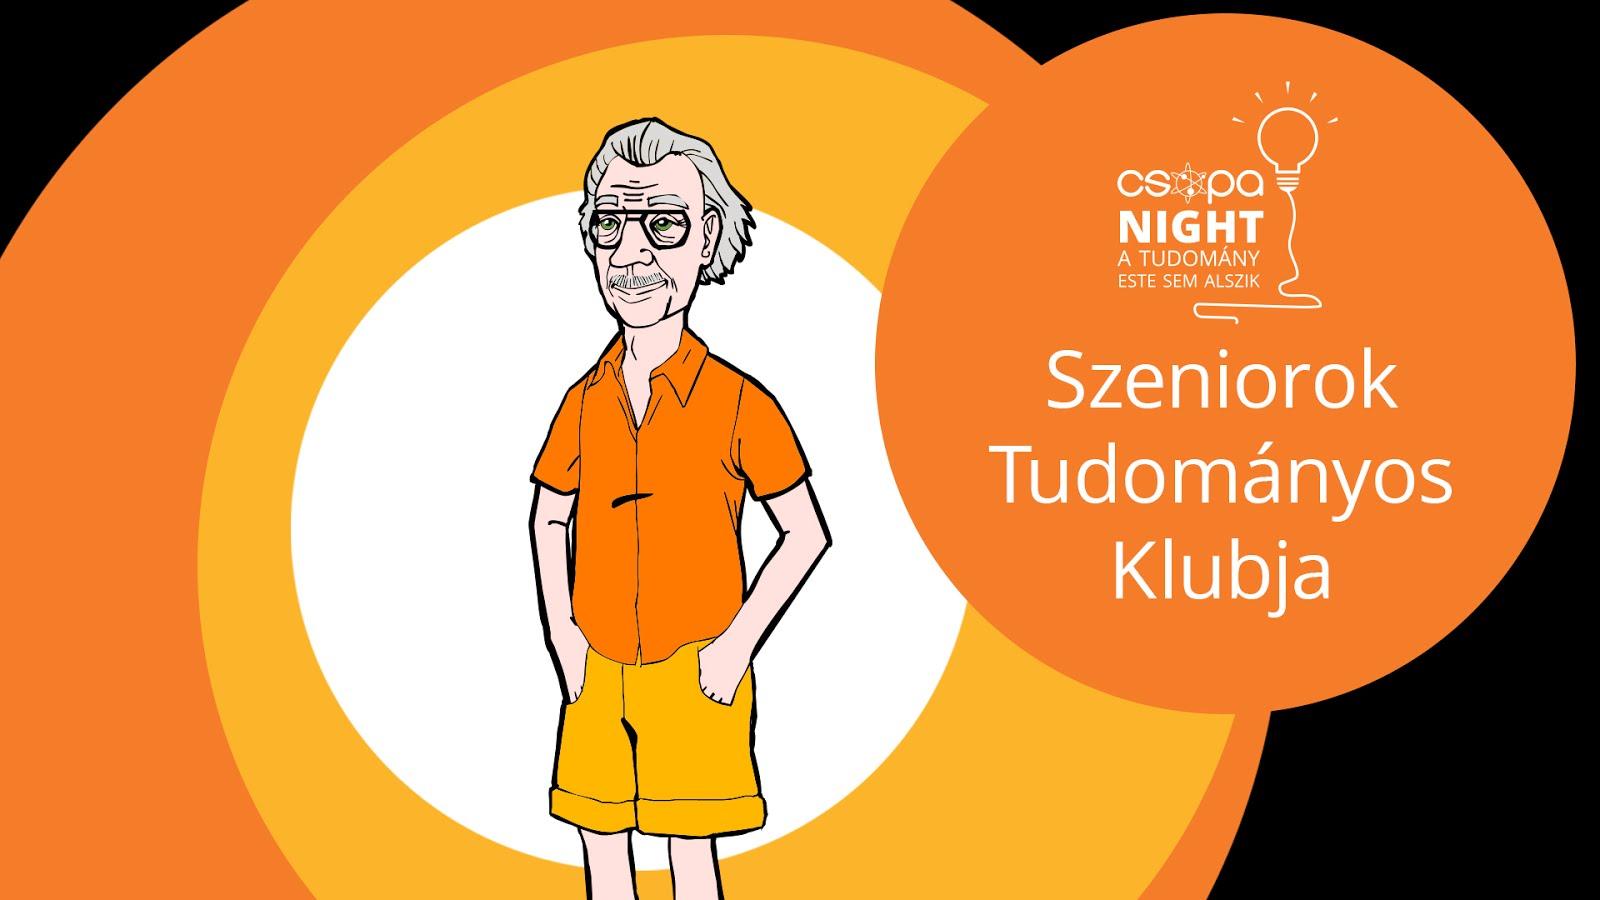 Csopa SzTK - Szeniorok Tudományos Klubja